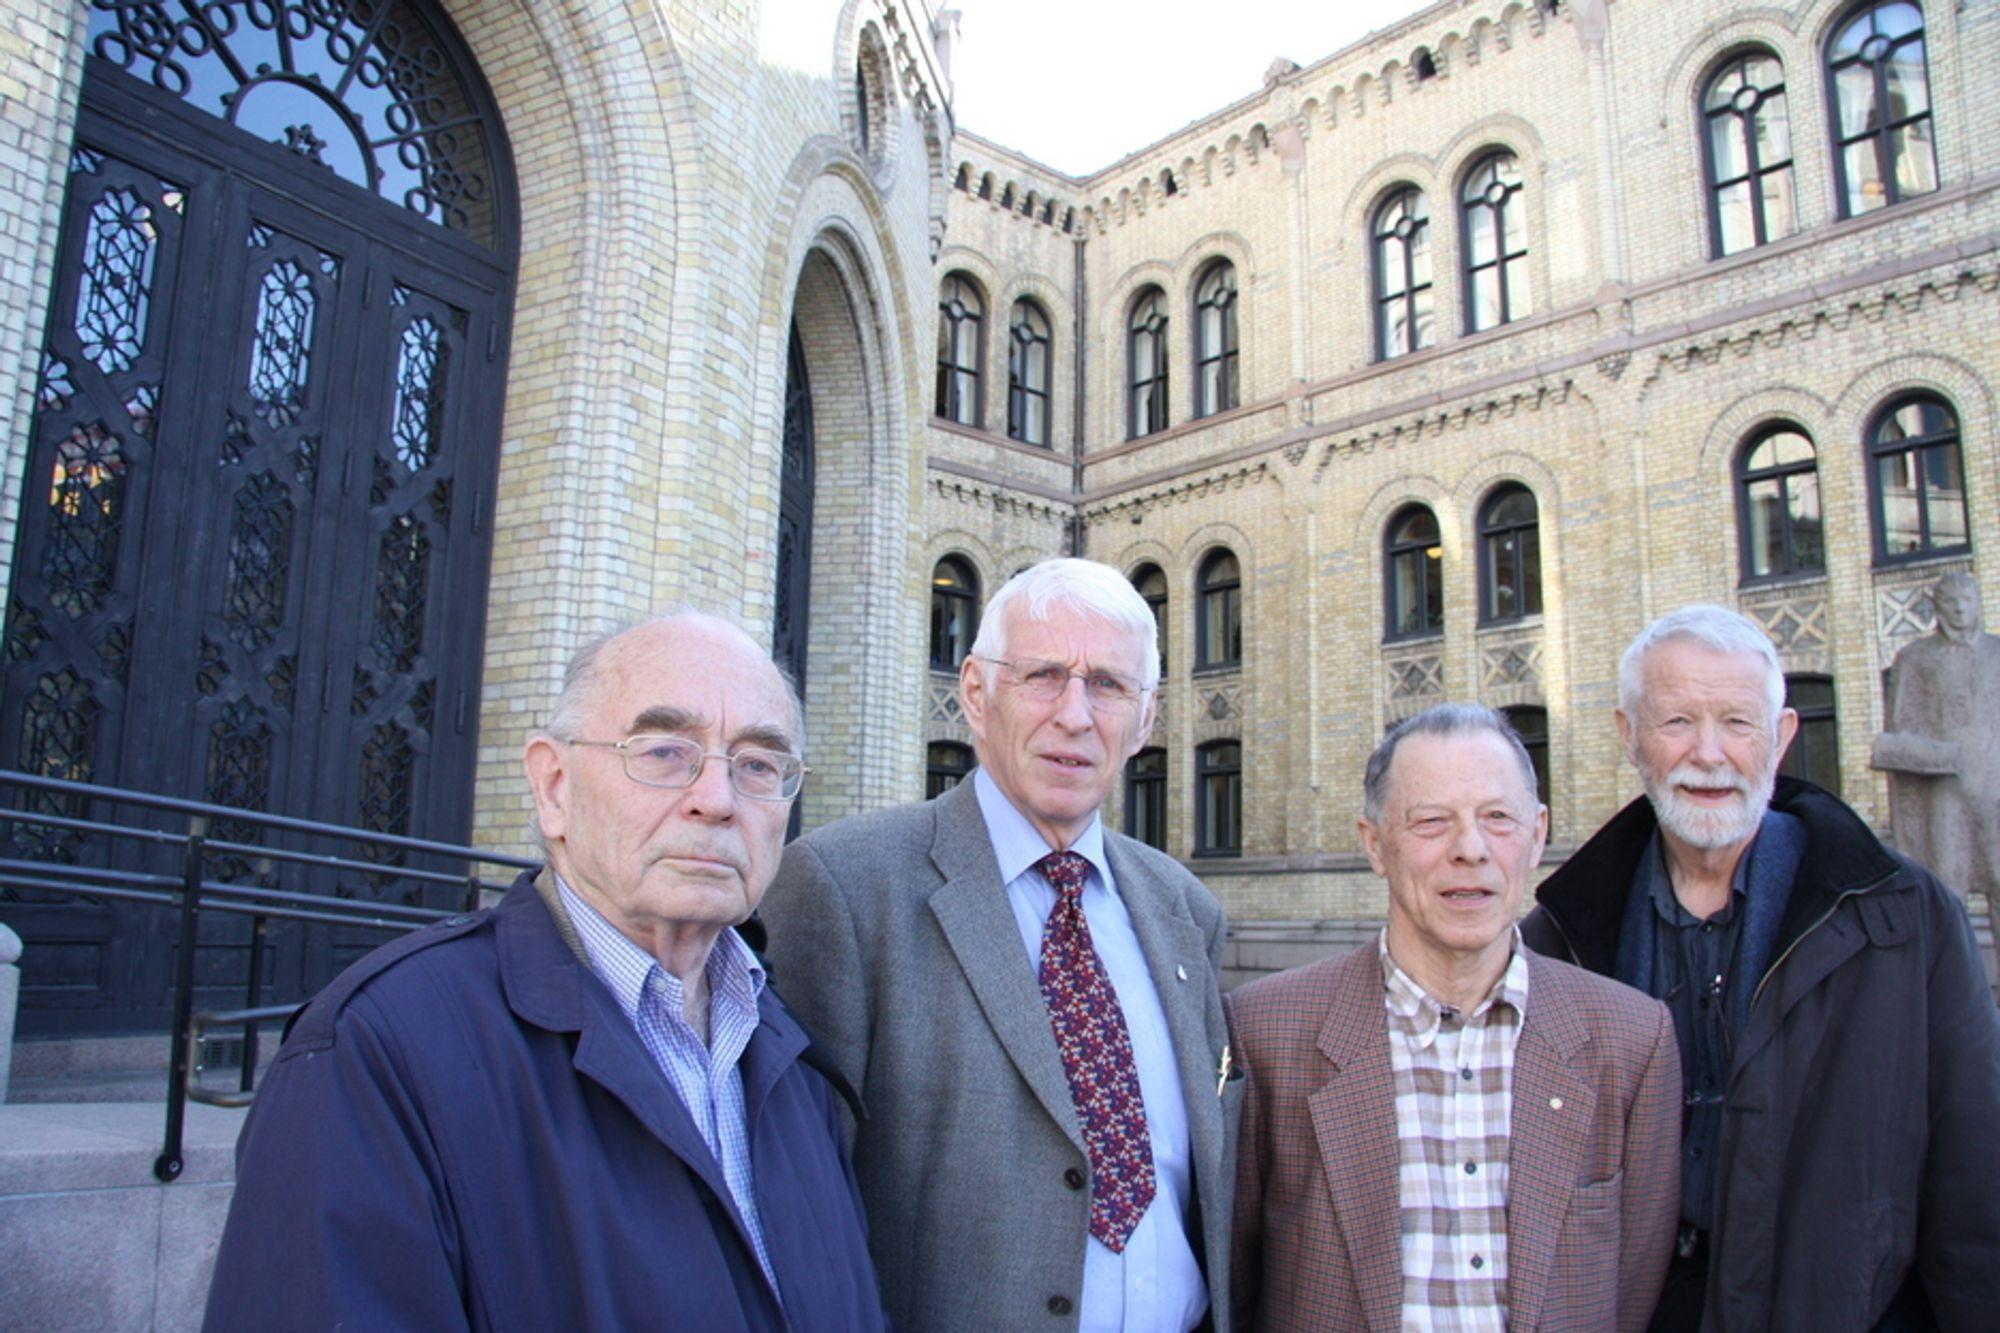 Energiveteranene Erling Diesen, Hans H. Faanes, Jon Tveit og Jon Ingvaldsen foran Stortinget.